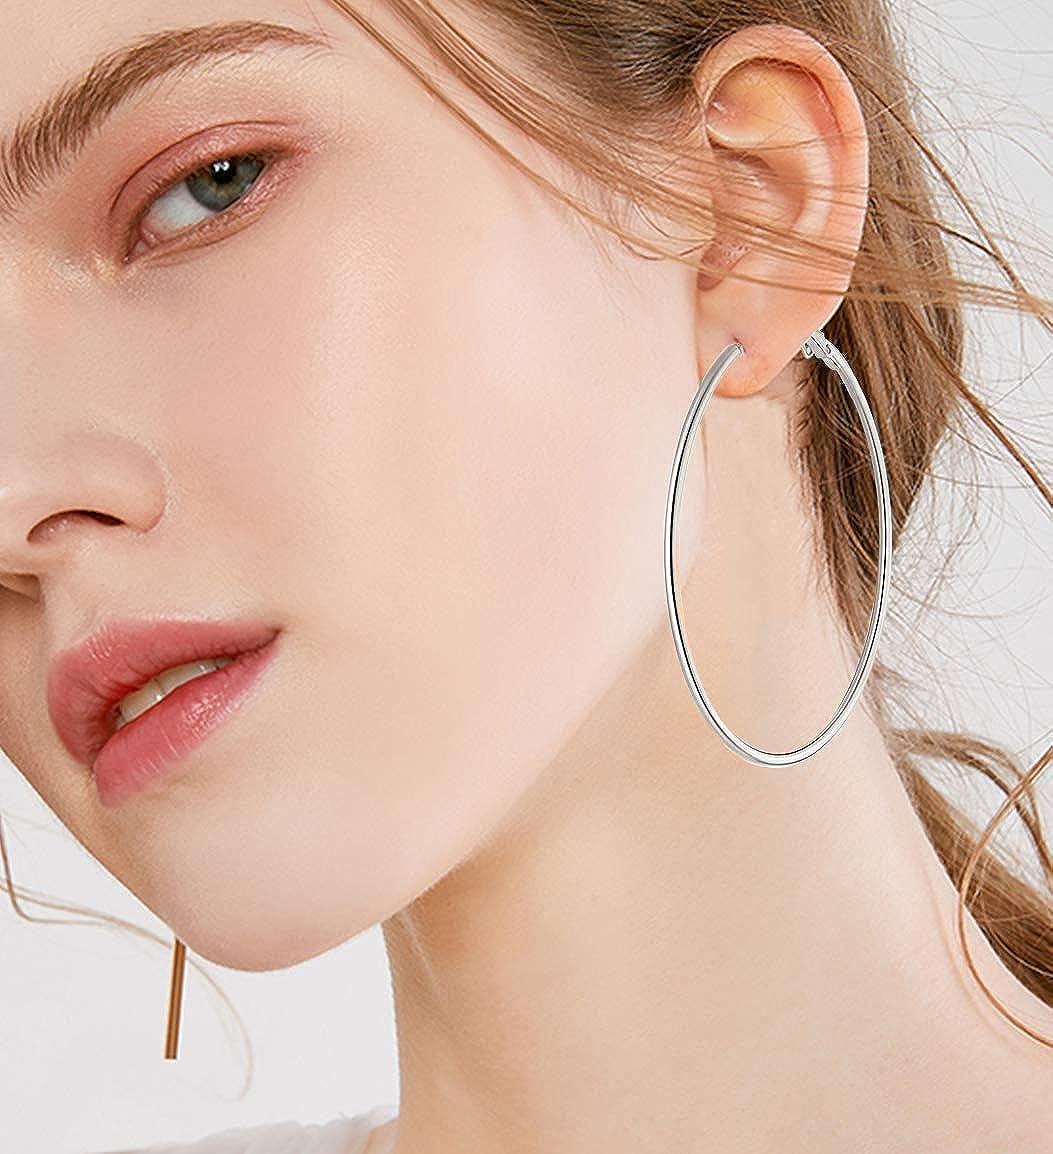 6 Pairs Big Hoop Earrings Set Silver Stainless Steel Hoop Earrings for Women Girls Sensitive Ears